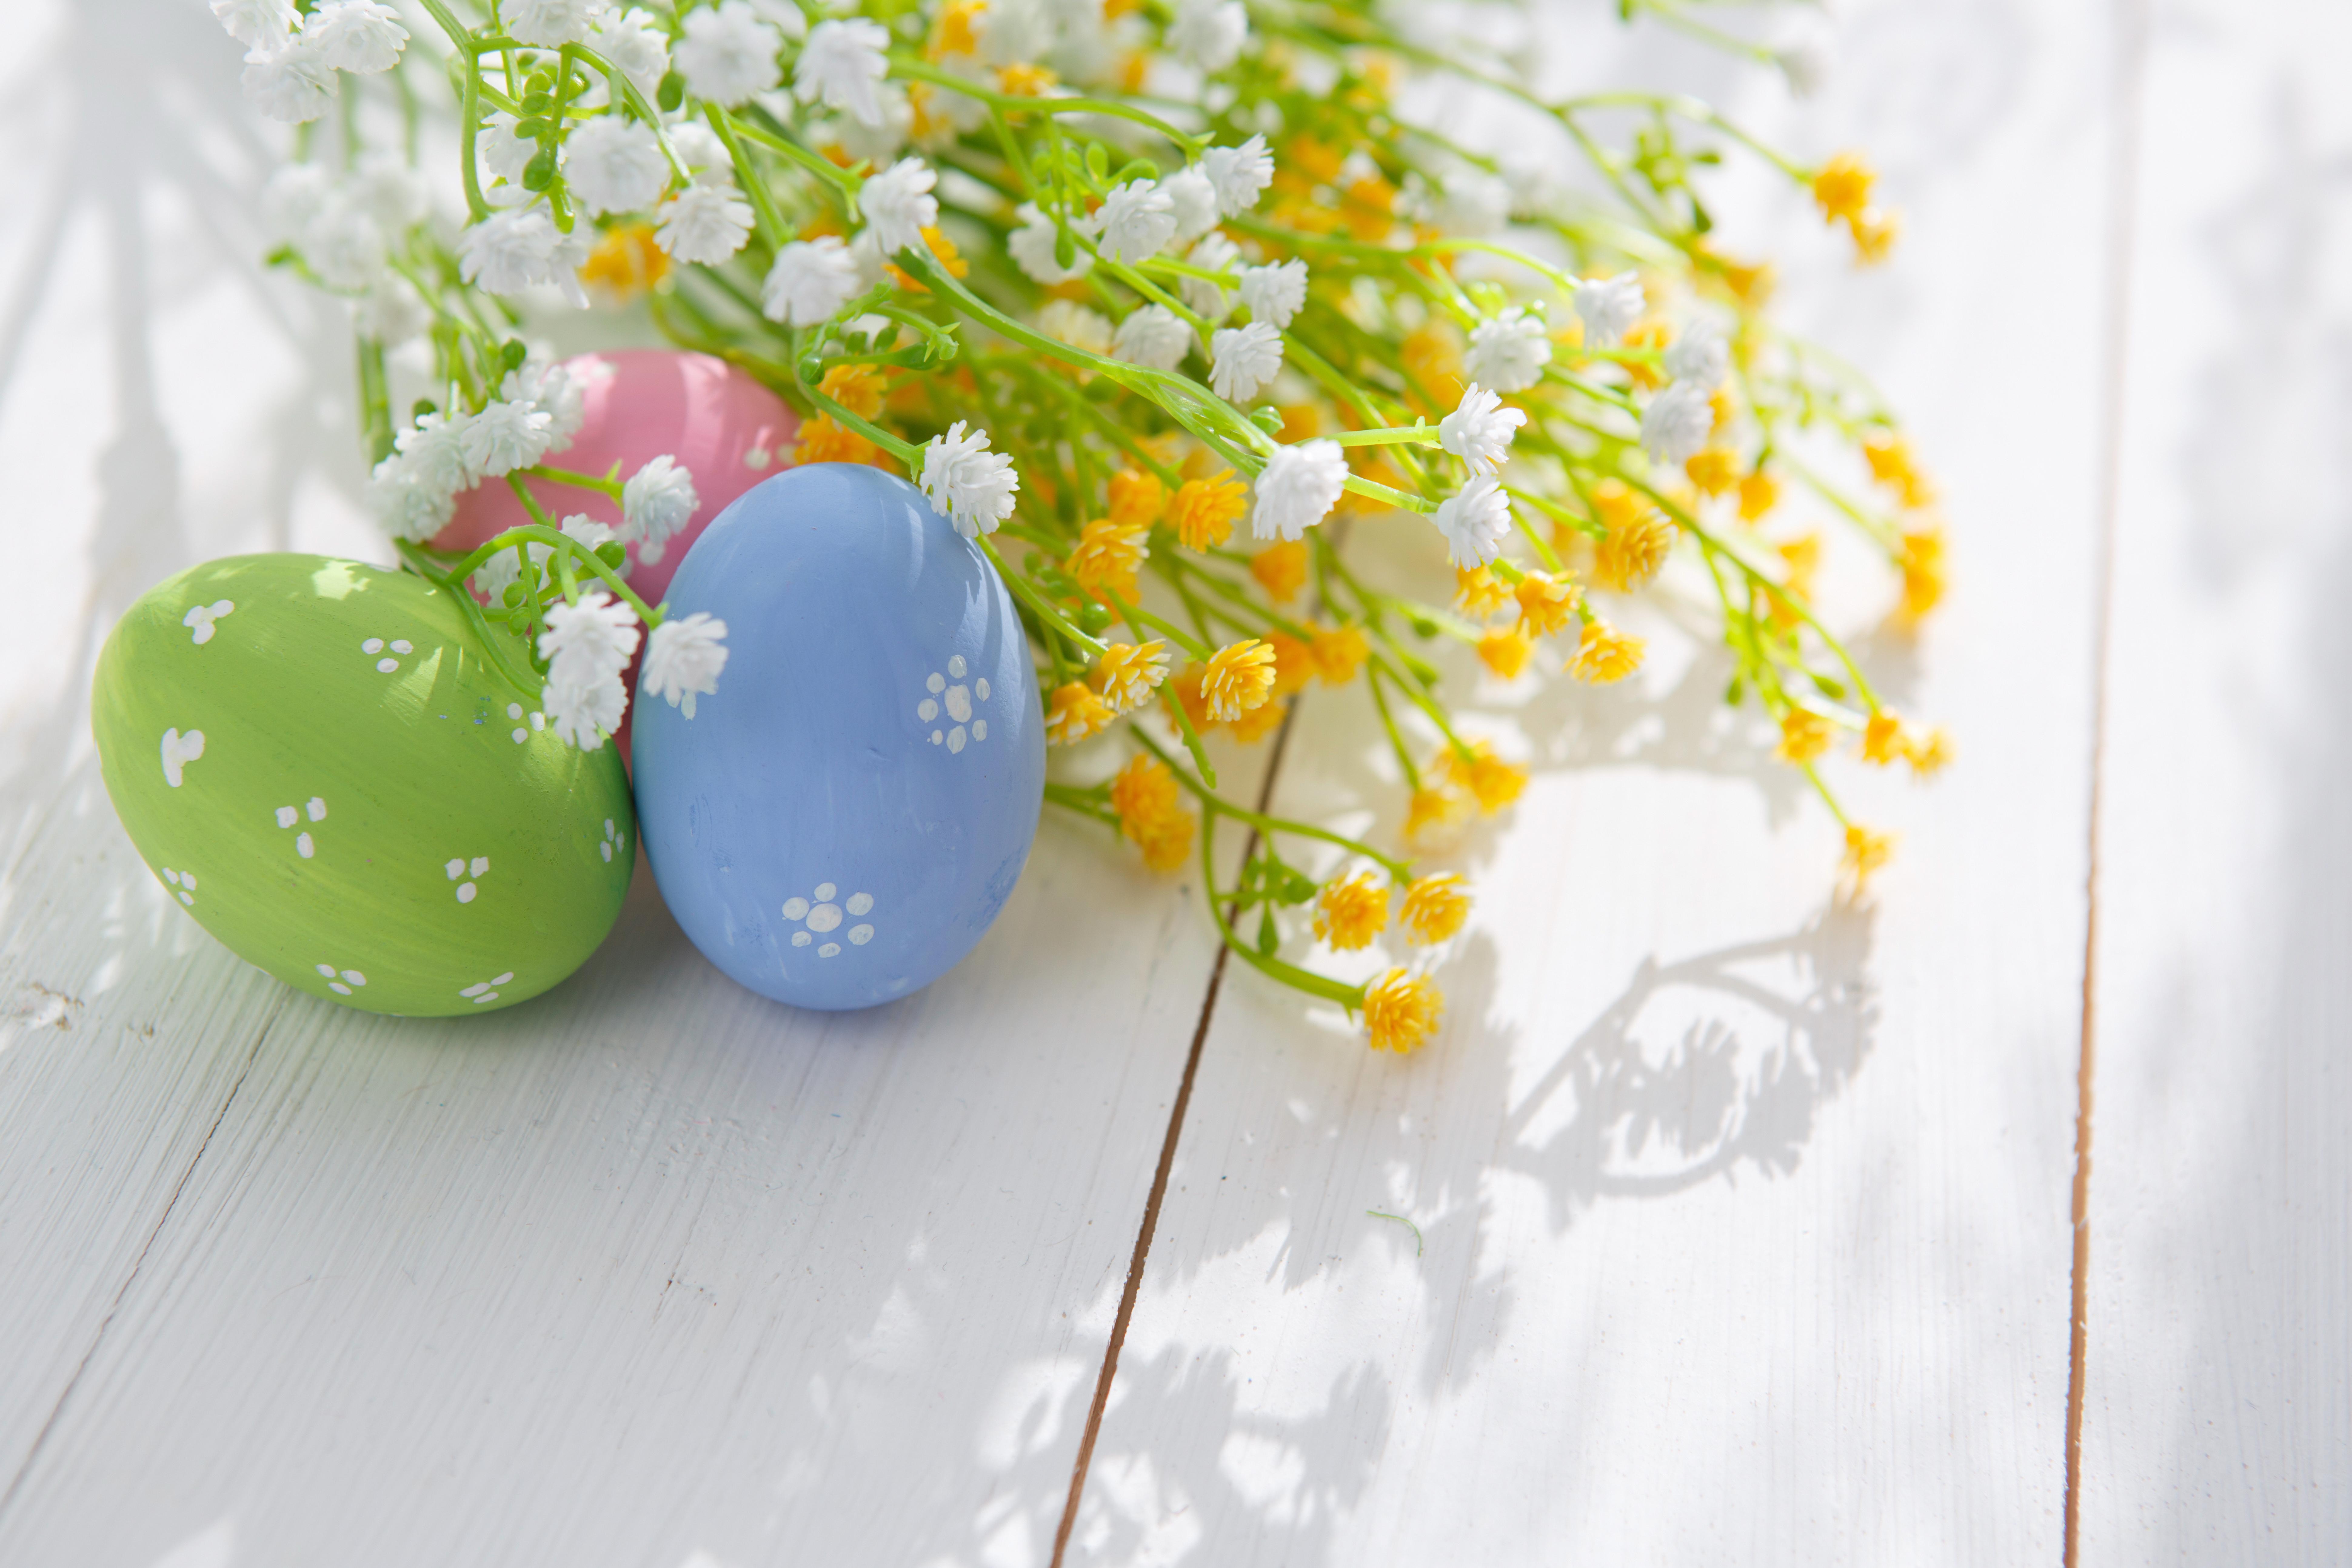 природа цветы яйца праздники яйца бесплатно